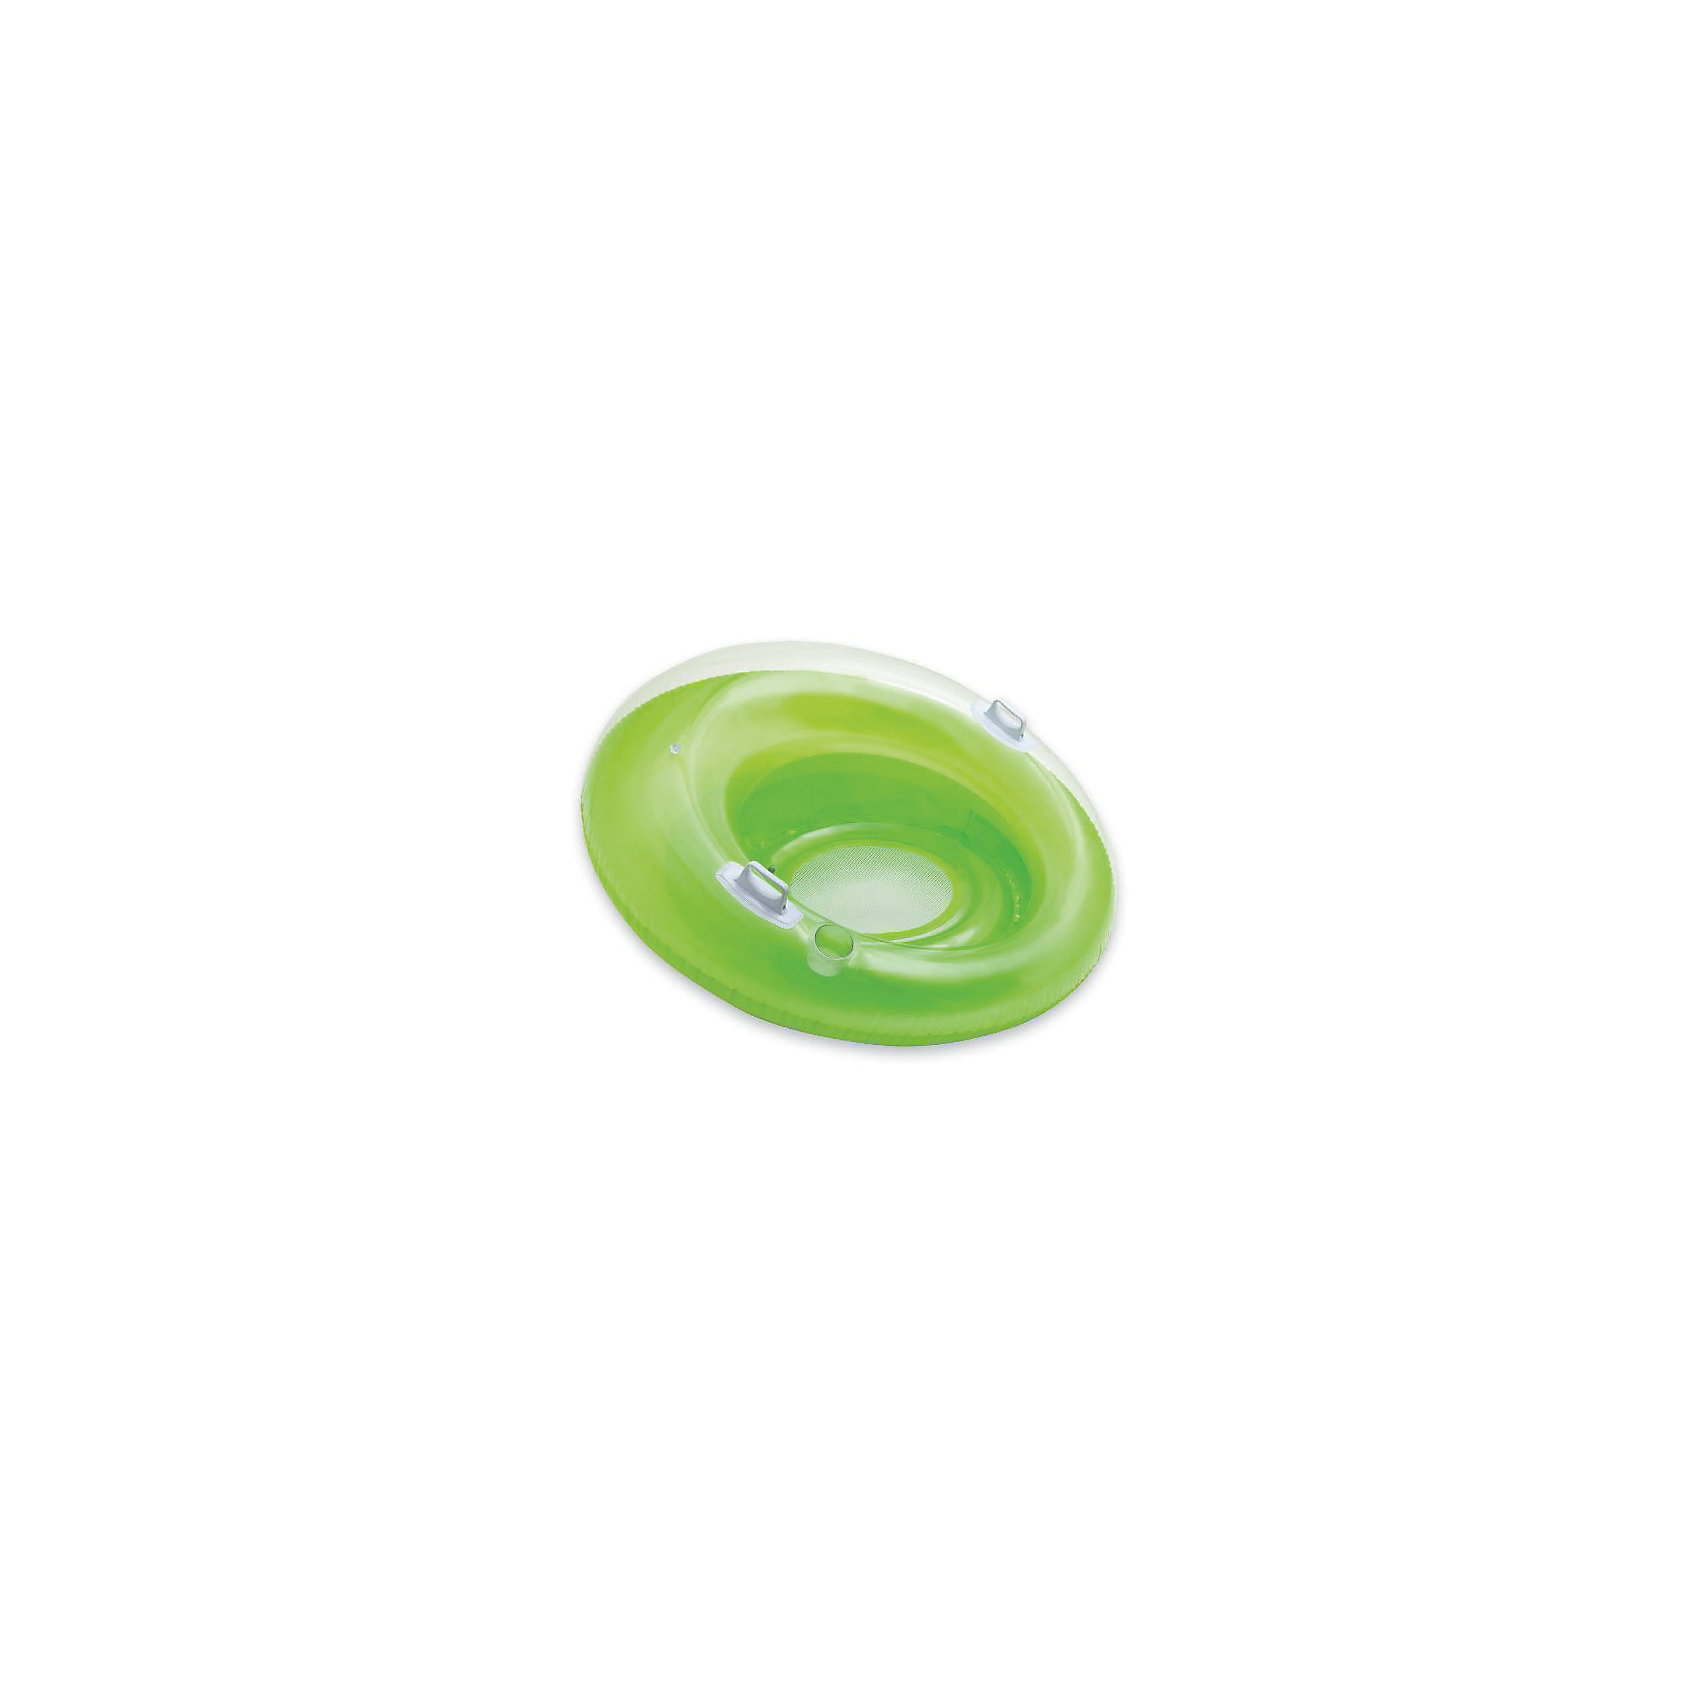 Надувной круг с дном Садись и отдыхай (зеленый), IntexКруги и нарукавники<br>Характеристики товара:<br><br>• цвет: в ассортименте<br>• диаметр: 119 см.<br>• внутренний диаметр: 50 см.<br>• материал: ПВХ (винил) толщина 0,3 мм. <br>• размер упаковки: 23х20х8 см.<br>• вес: 1,4 кг. <br><br>Большой надувной круг Садись и отдыхай с удобными пластиковыми ручками и углублением для стакана будет большой радостью детям и взрослым летом на водоеме. <br><br>У круга две воздушные камеры, дно - сетчатое. <br><br>Гладкий внутренний шов не будет натирать кожу. <br><br>В нем можно комфортно расположиться, не боясь выпасть.<br><br>В сложенном состоянии круг, имеет небольшие размеры, что позволяет брать его с собой в любое путешествие. <br><br>Надувной круг с дном Садись и отдыхай, Intex (Интекс) можно купить в нашем интернет-магазине.<br><br>Ширина мм: 258<br>Глубина мм: 231<br>Высота мм: 104<br>Вес г: 1367<br>Возраст от месяцев: 96<br>Возраст до месяцев: 1164<br>Пол: Унисекс<br>Возраст: Детский<br>SKU: 4801497